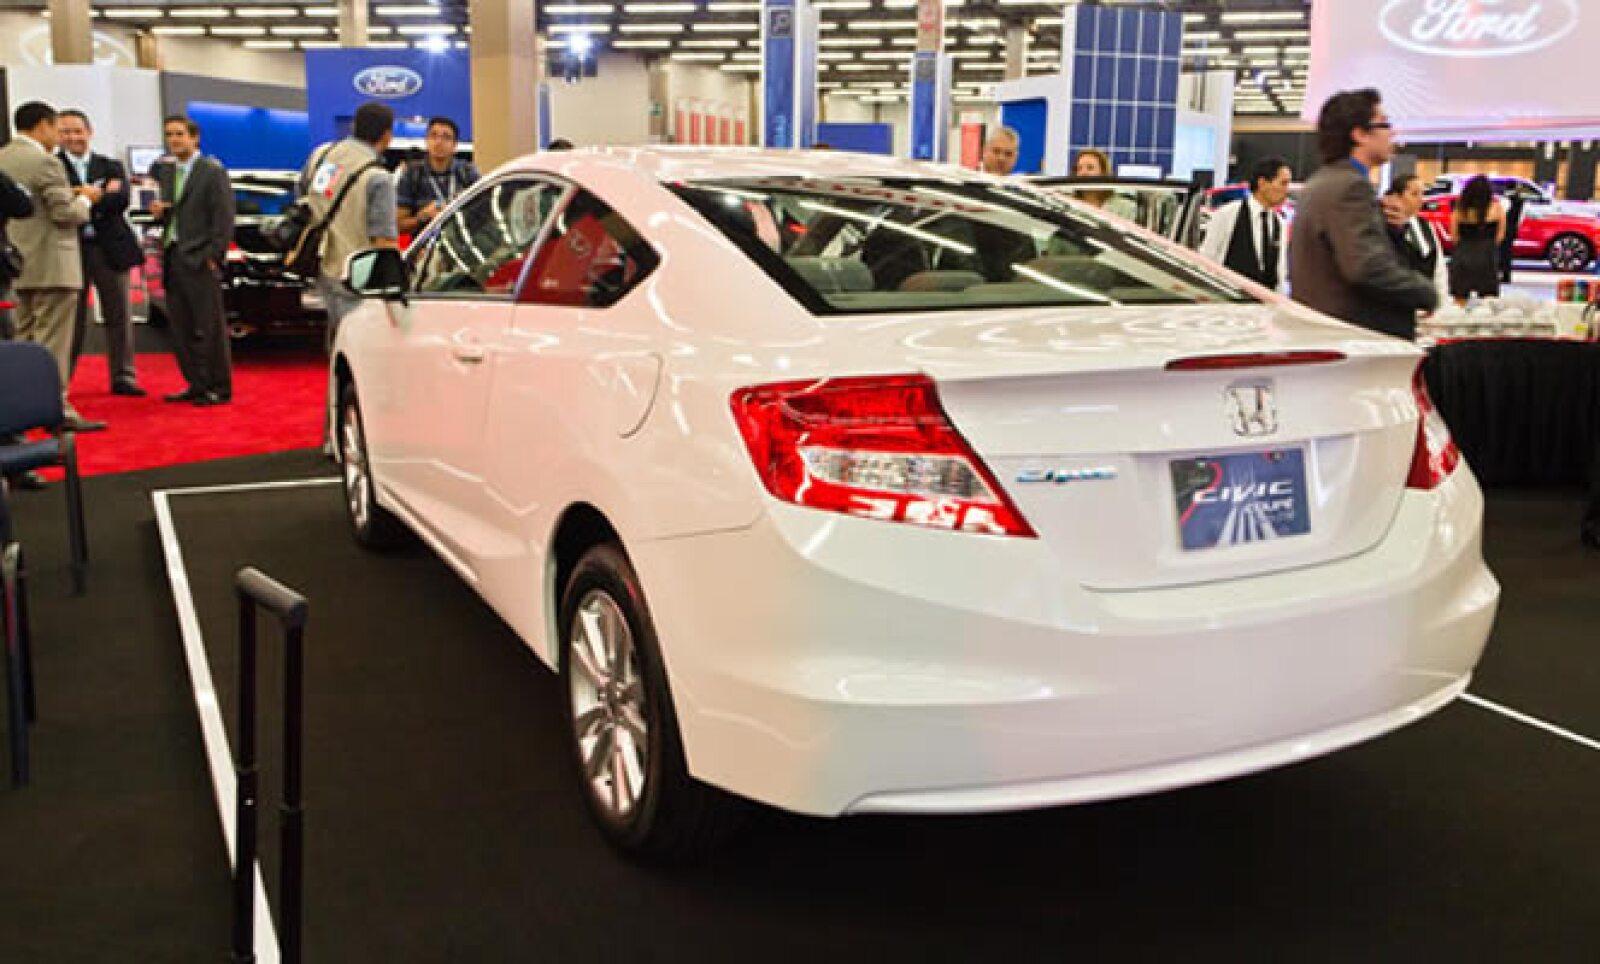 Honda anuncia la llegada del Civic Coupé 2012 a todos sus puntos de venta en México. Mecánicamente es igual que el modelo de cuatro puertas, pues utiliza el motor de cuatro cilindros 1.8L de 140 Hp.